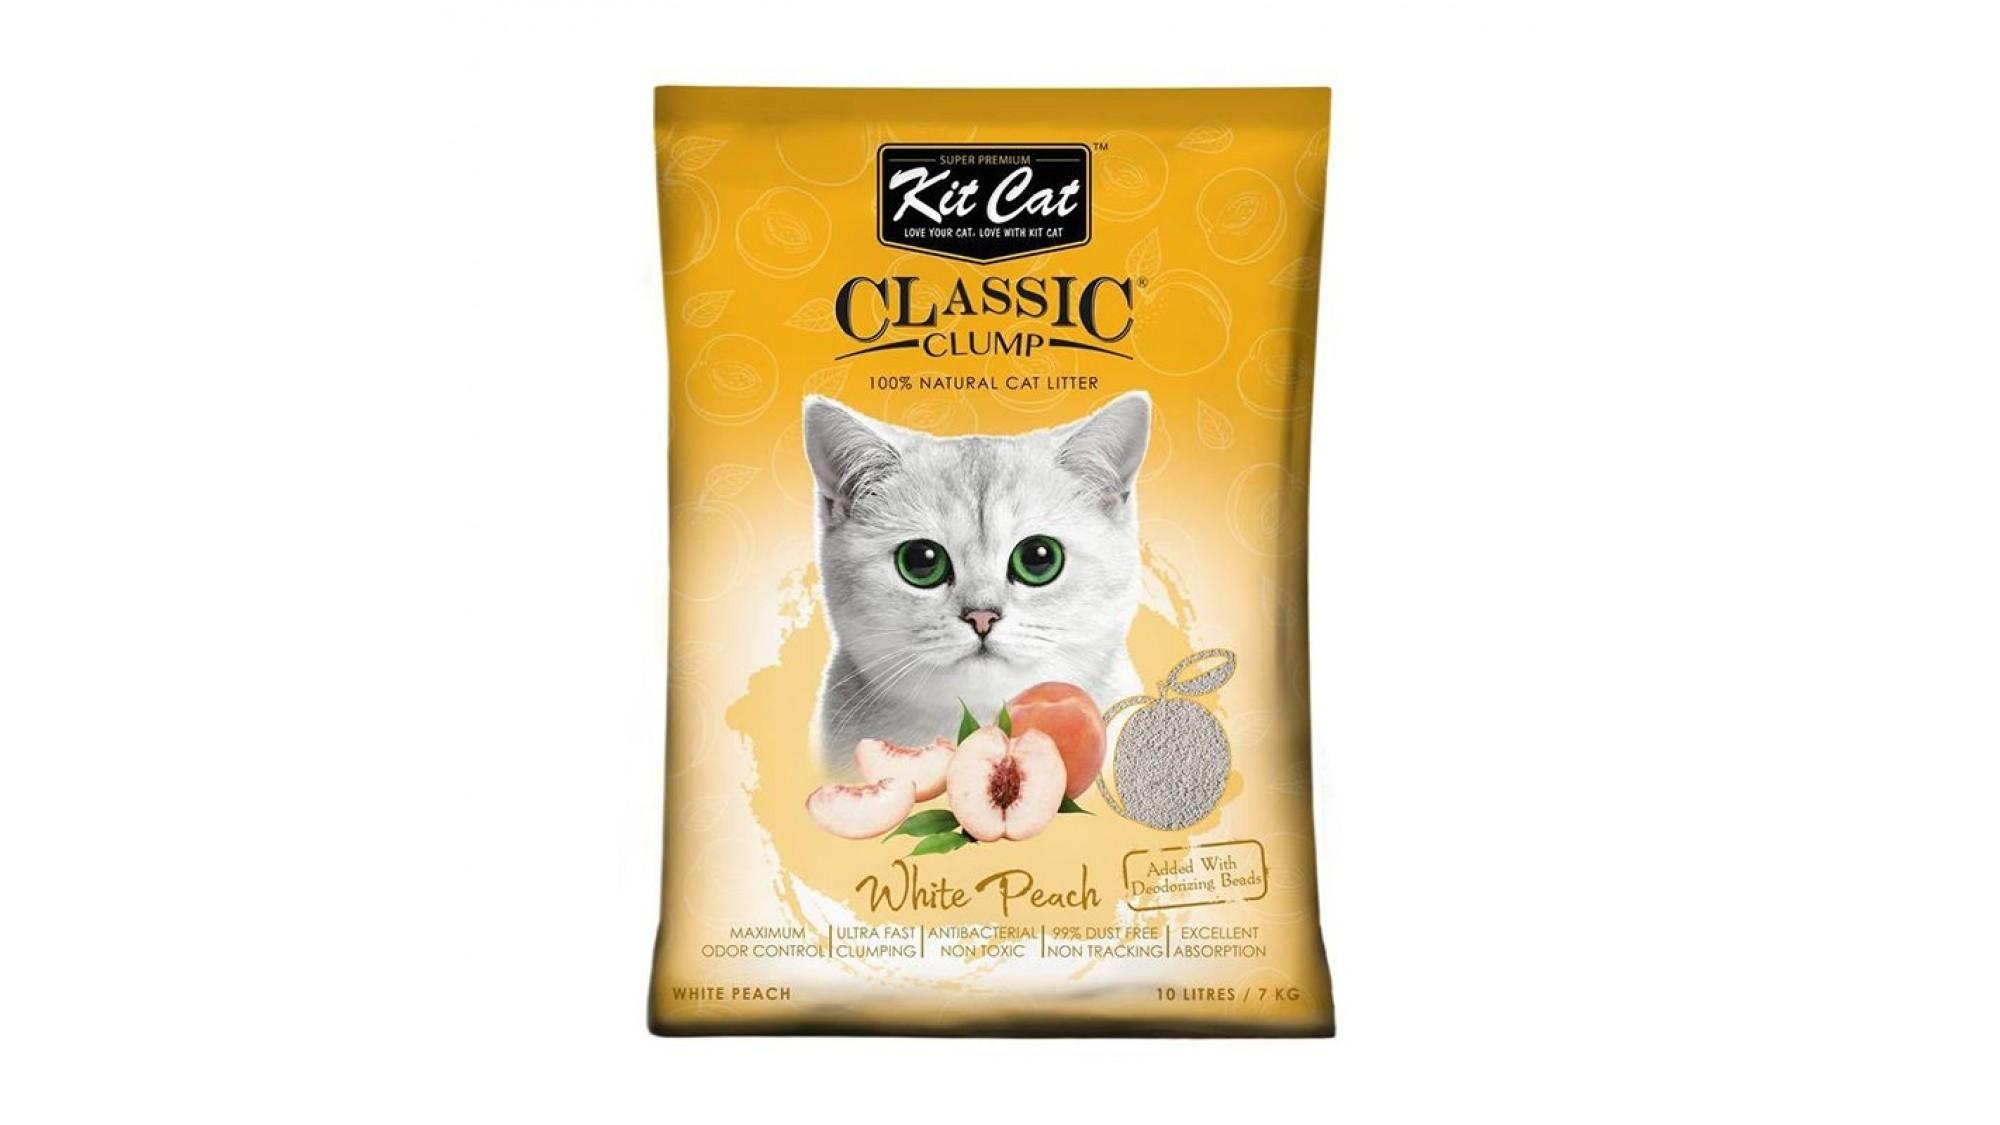 Asternut igienic KIT CAT CLASSIC CLUMP WHITE PEACH - 10L imagine